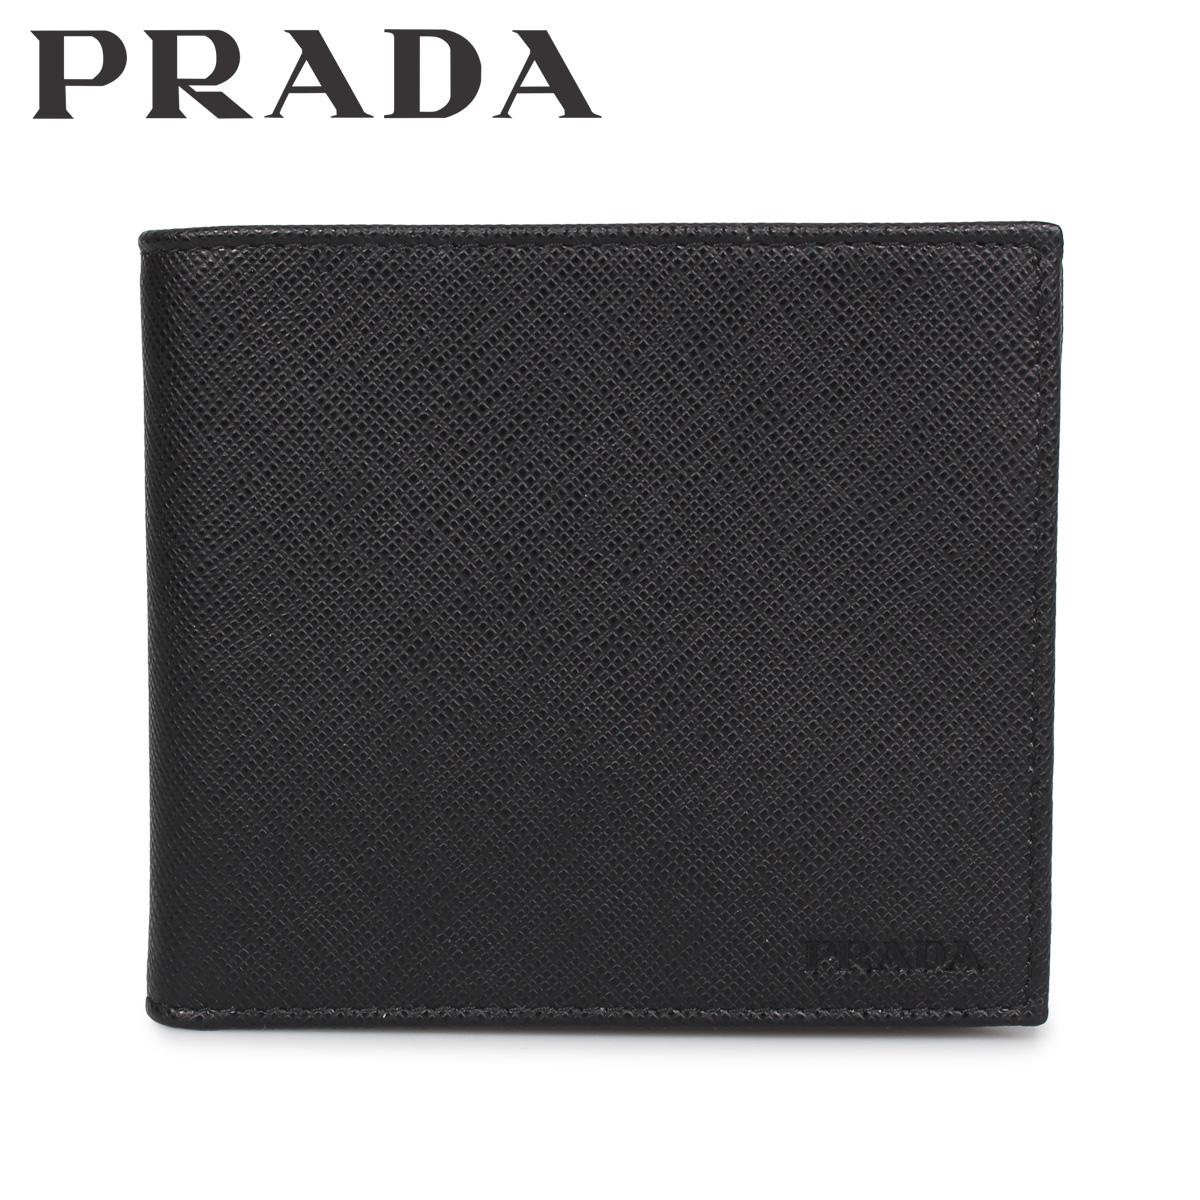 PRADA プラダ 財布 二つ折り ミニ財布 サフィアーノ メンズ SAFFIANO ブラック 黒 2MO738-053 [3/9 新入荷]